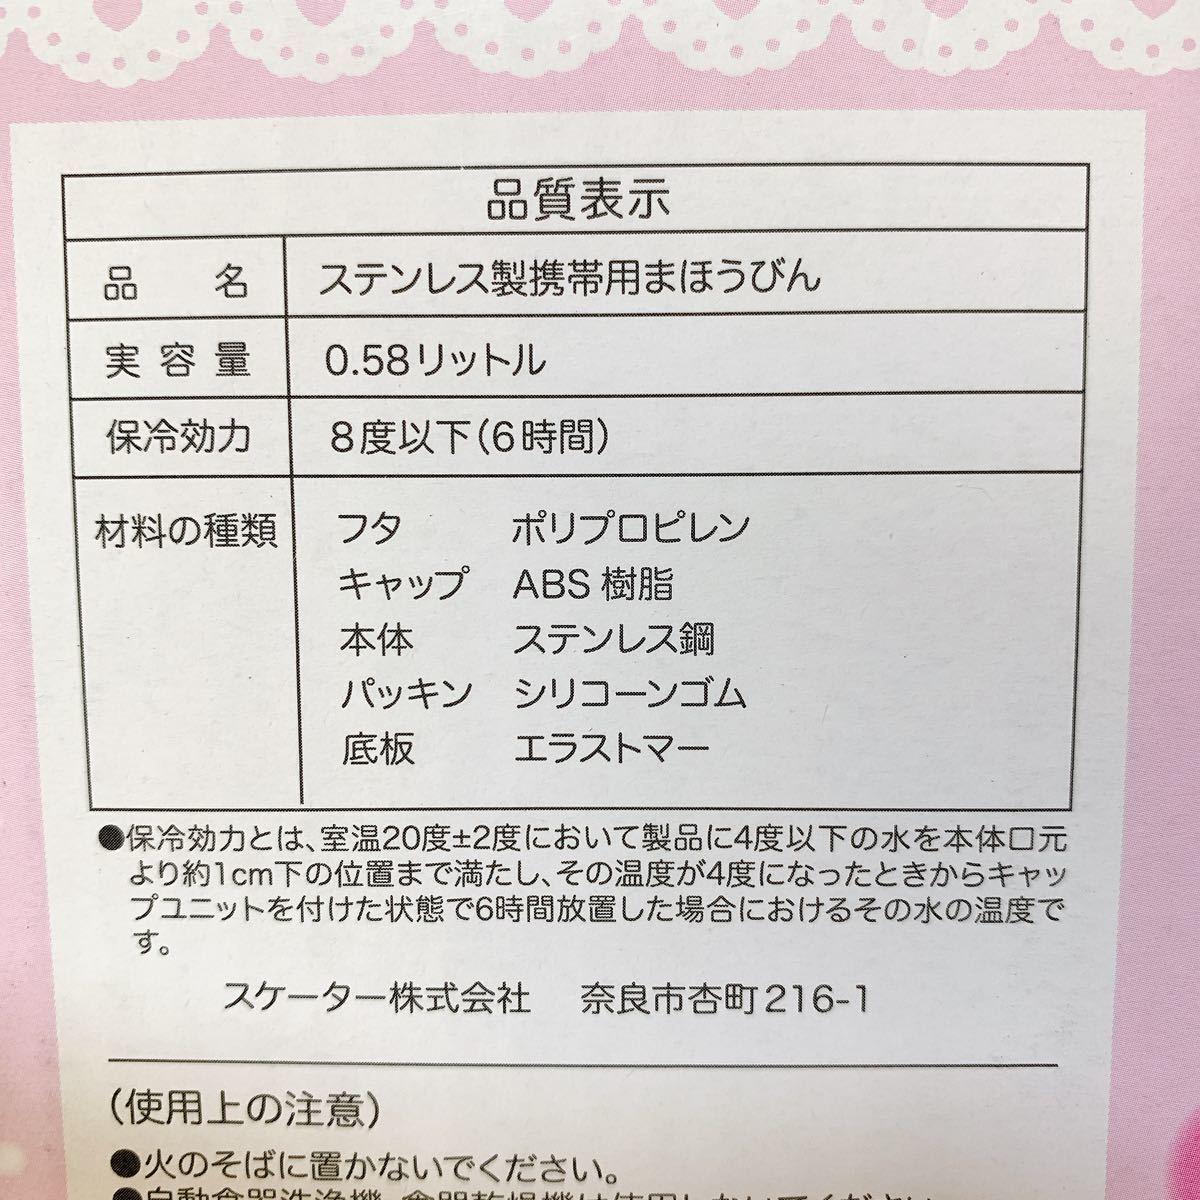 ぼんぼんりぼん☆超軽量 580ml  ダイレクトステンレスボトル